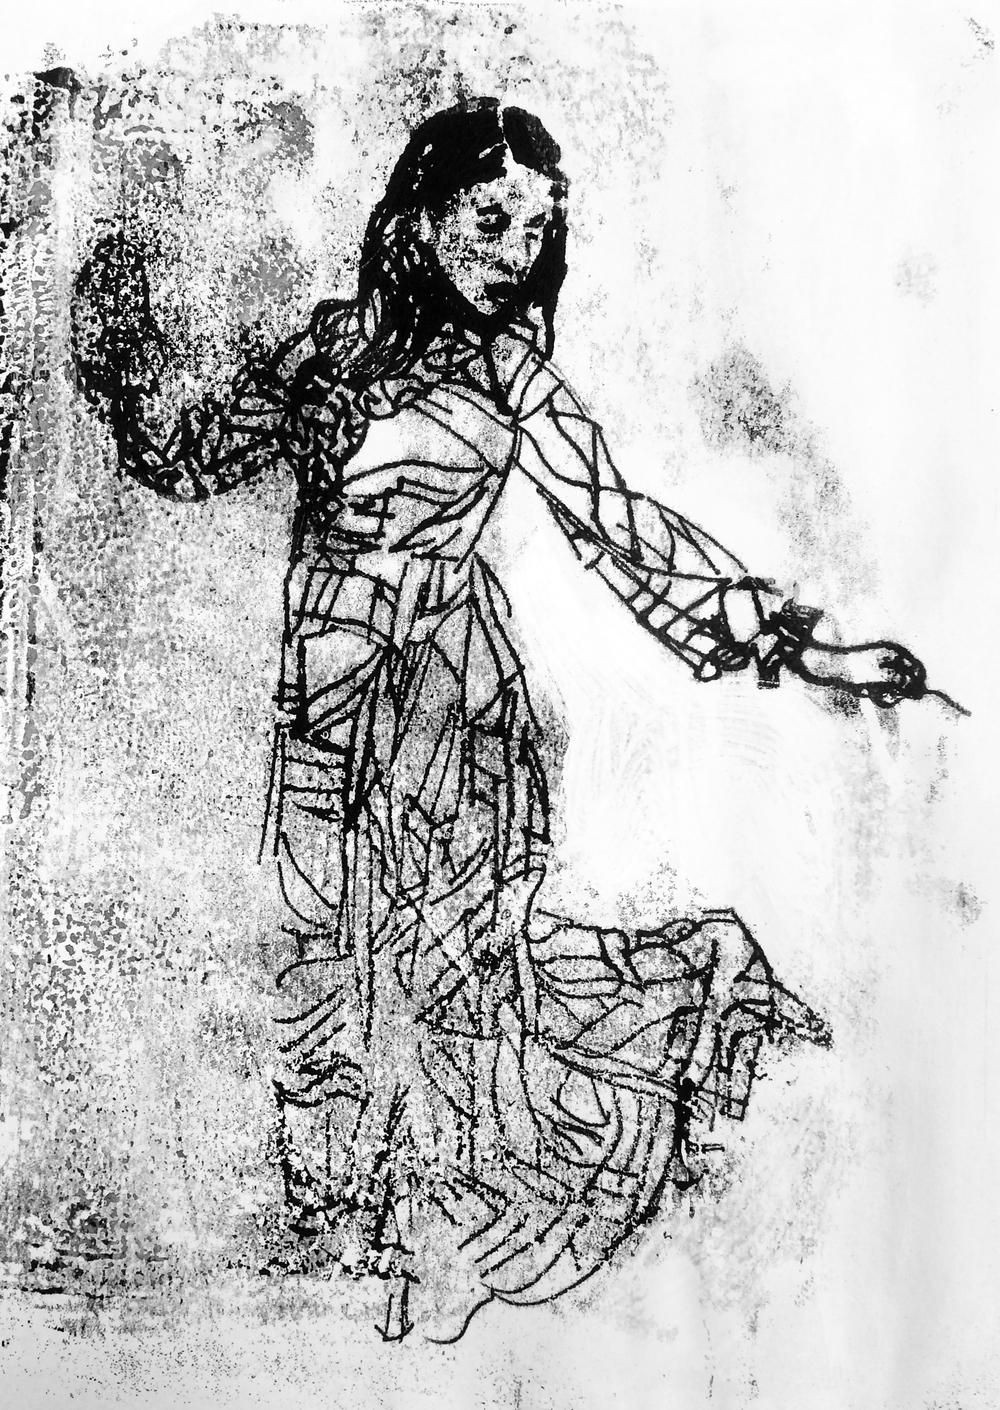 'Lady', 2015, Monoprint on plain paper, 21 x 29.5 cm